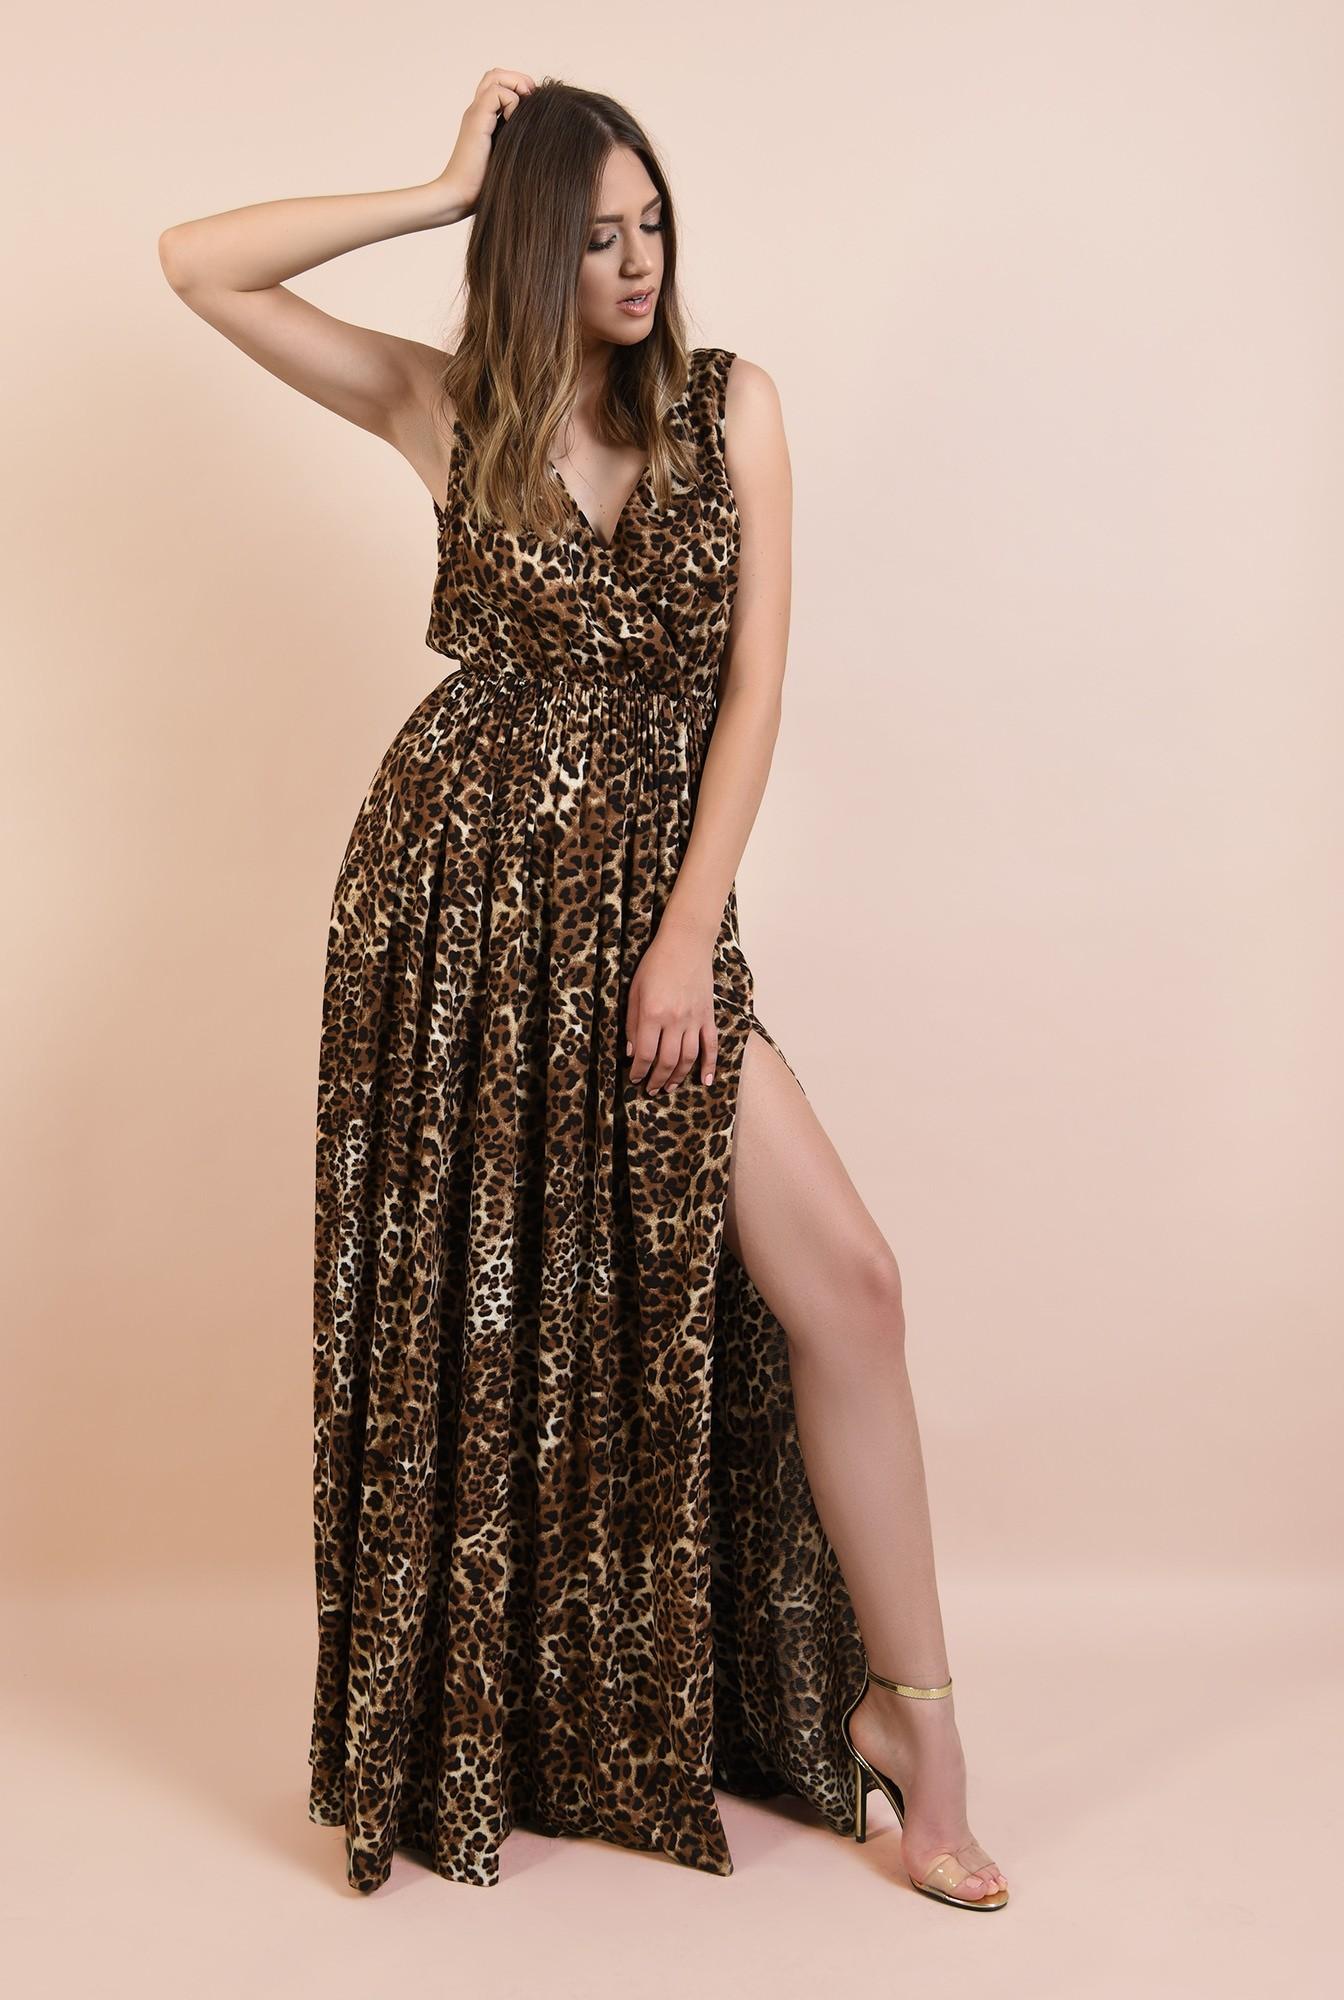 3 - 360 - rochie de seara, lunga, cu slit, animal print, decolteu anchior, Poema